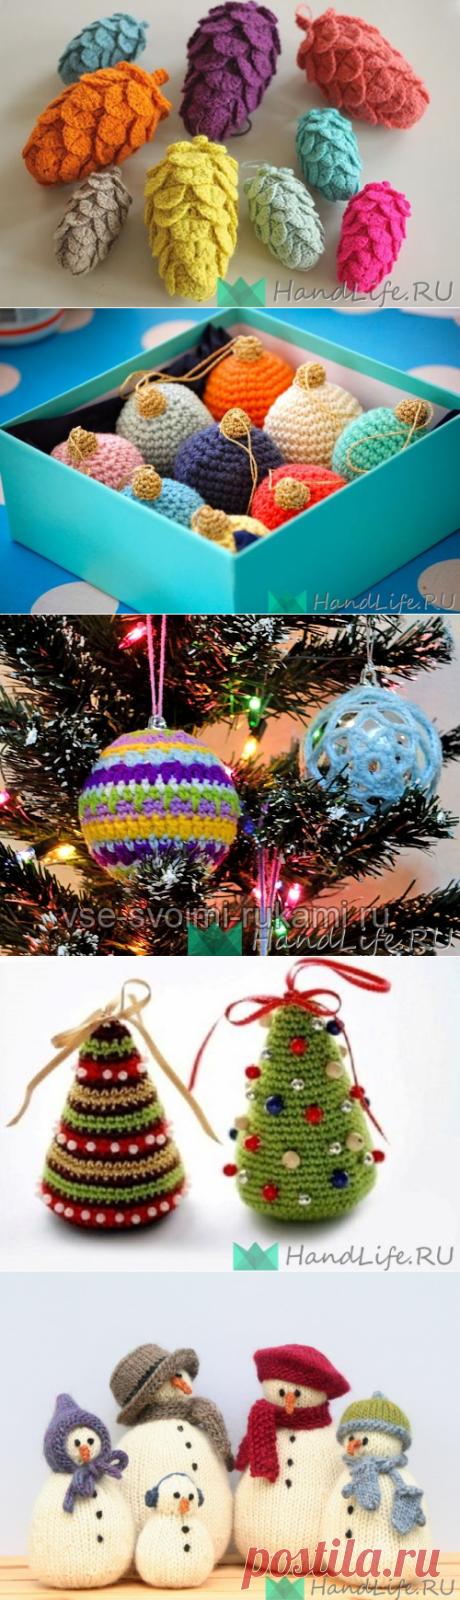 Вязаные игрушки на елку (обзорное видео) / Новый год!